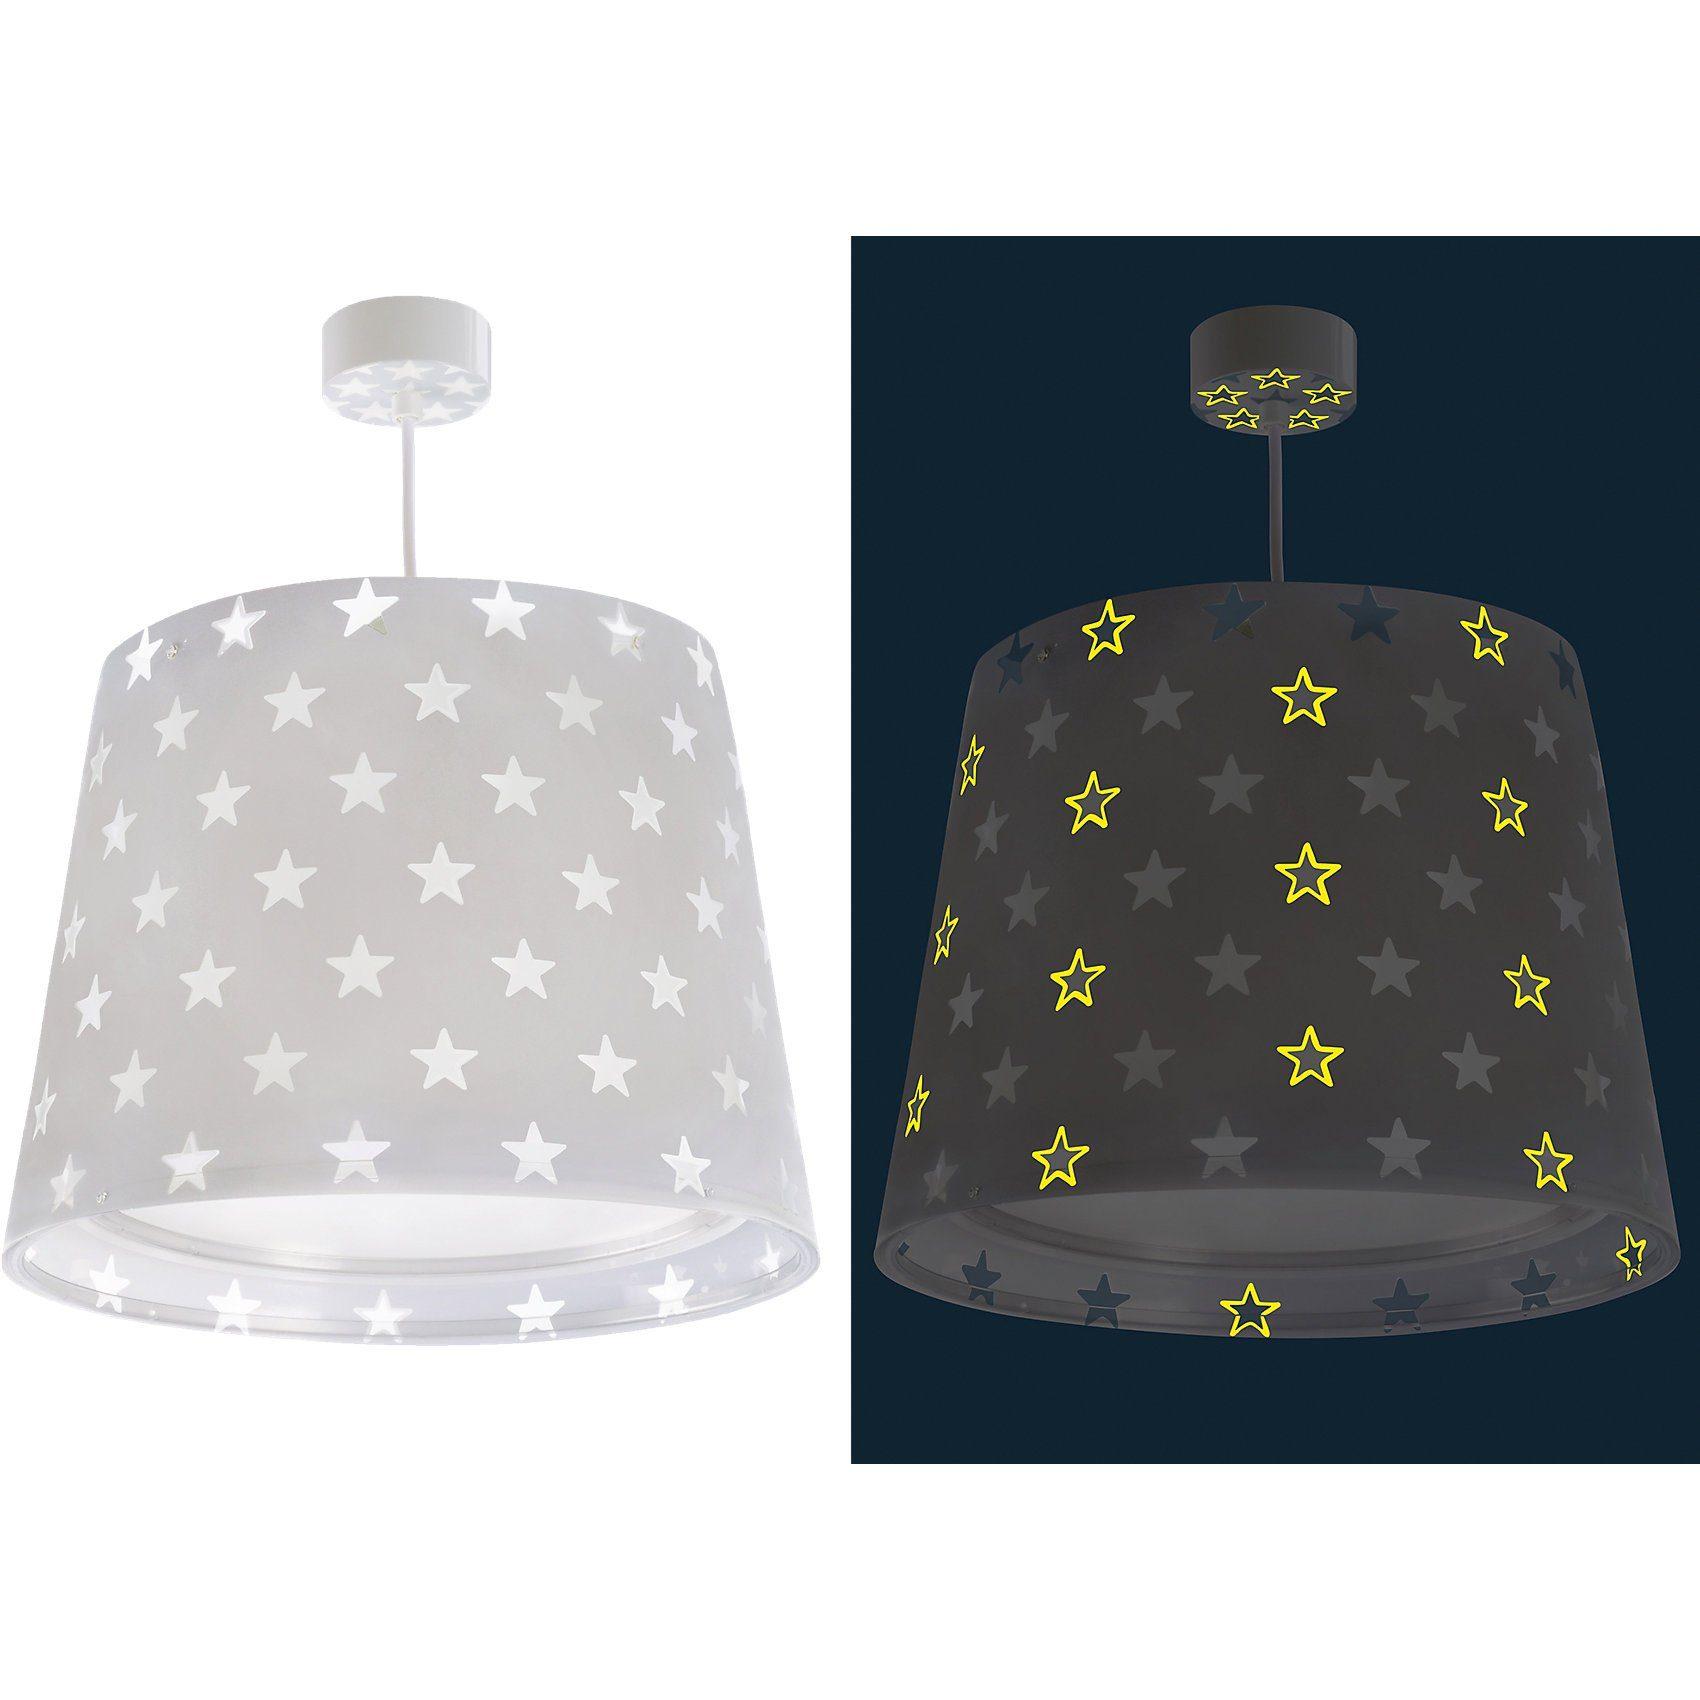 Dalber Hängelampe STARS, Glow in the dark, grau